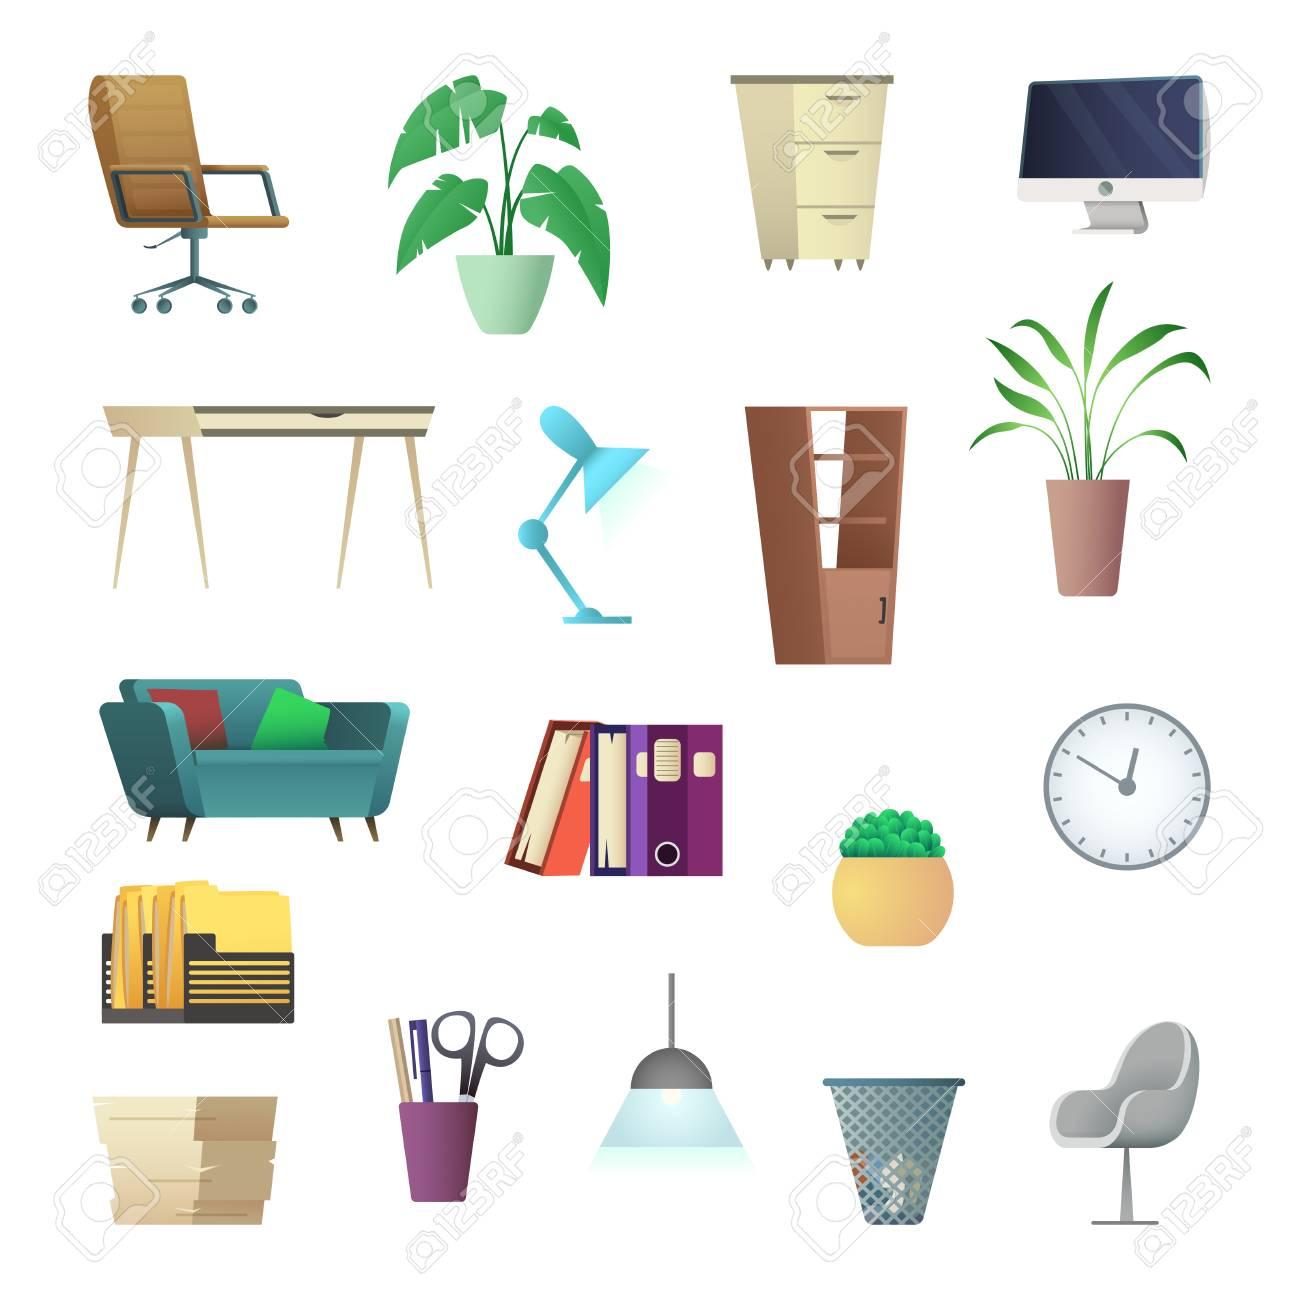 Muebles De Oficina Y Objetos De Interior Colecci N De Dibujos  # Muebles Dibujos Animados